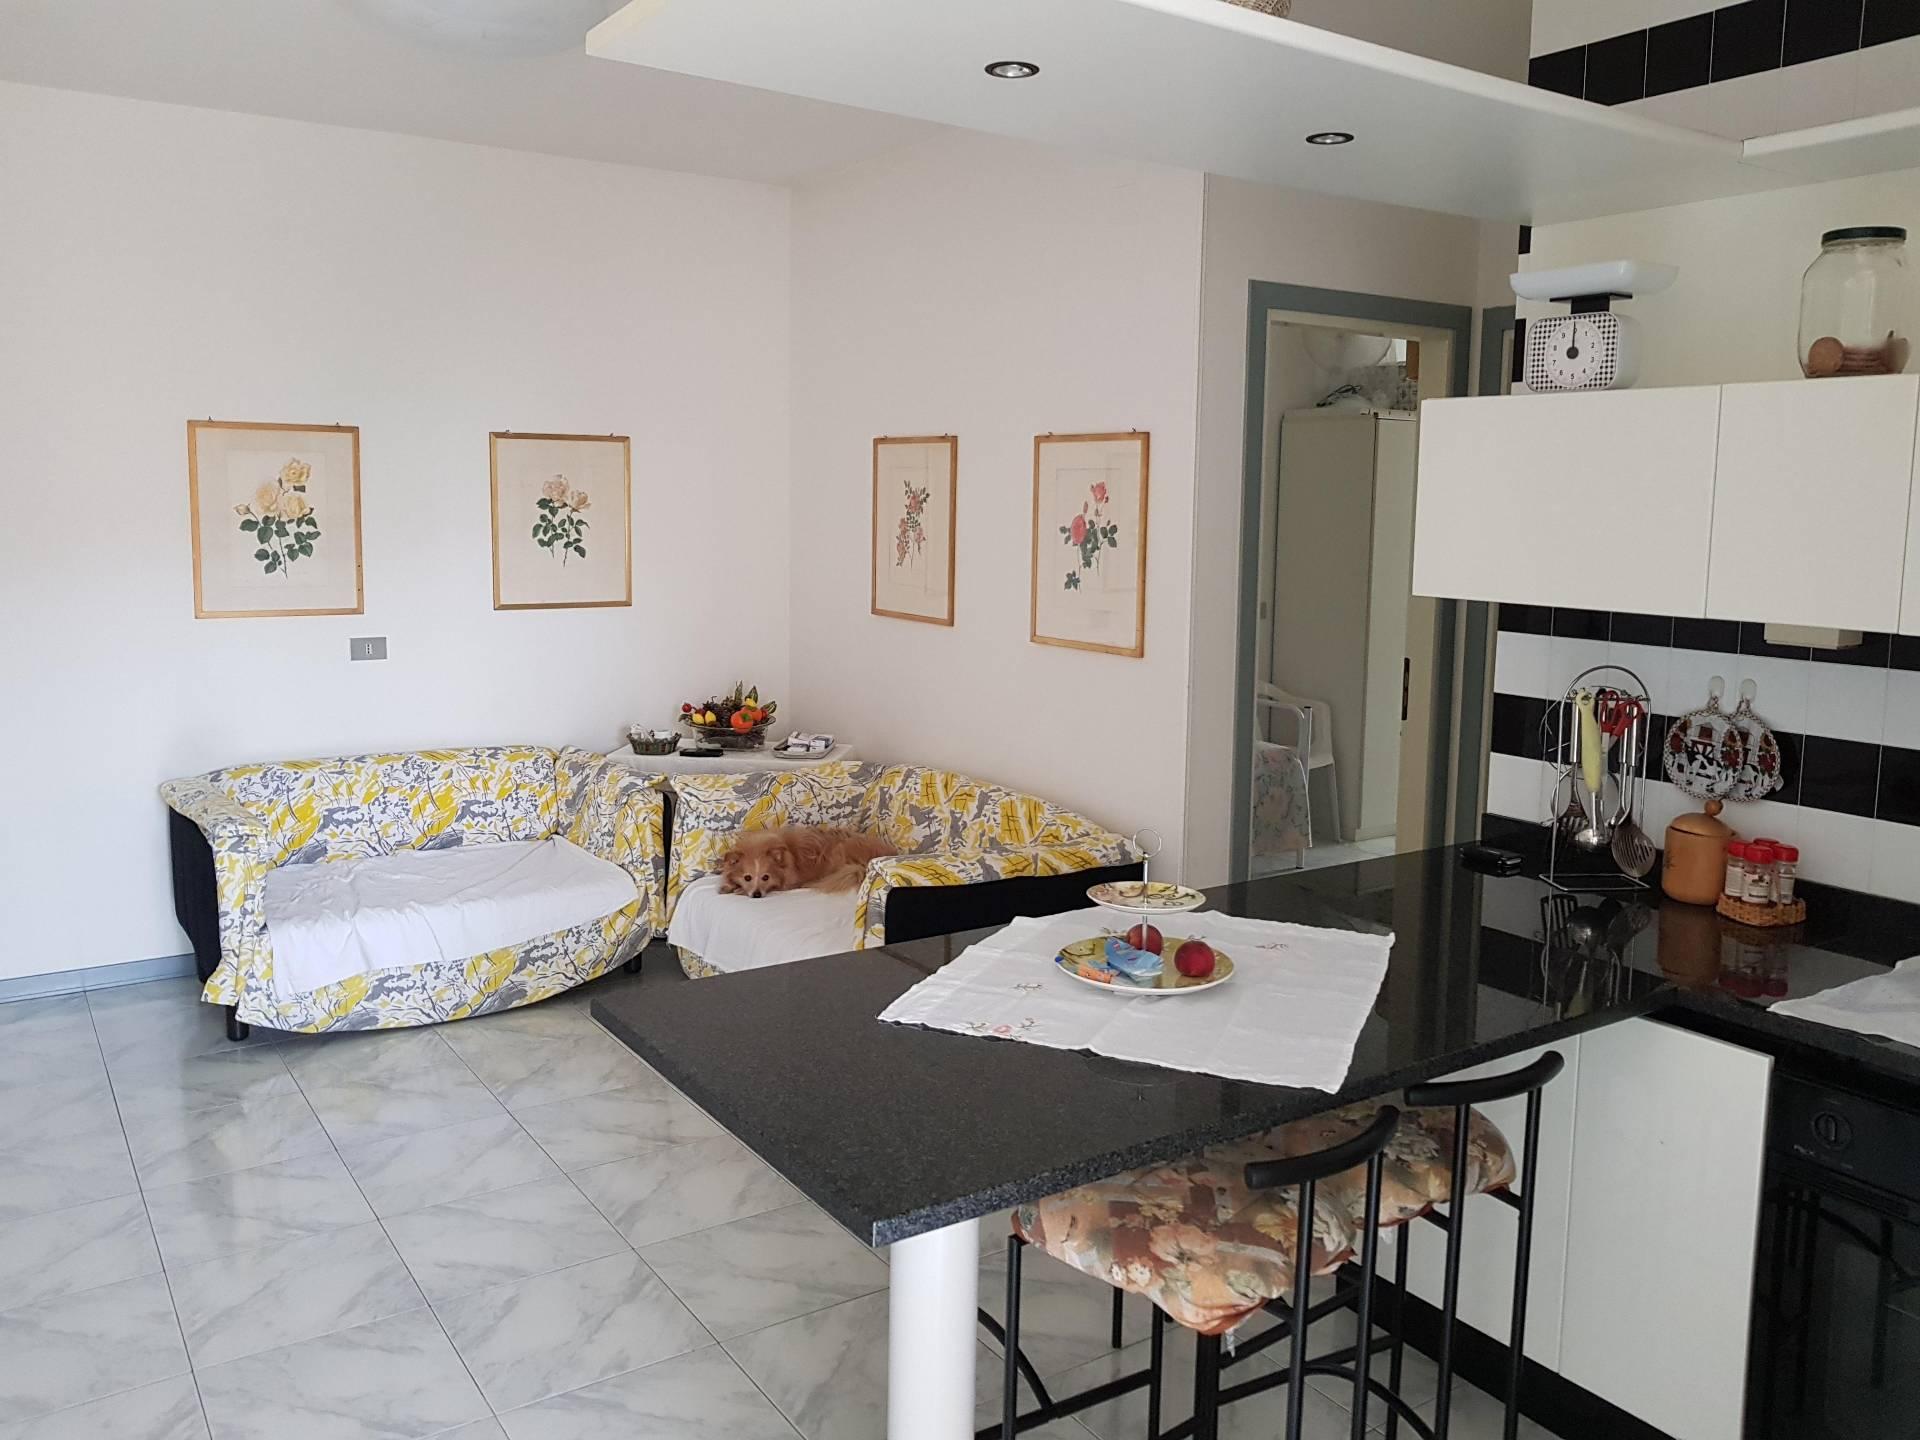 Appartamento in vendita a Martinsicuro, 3 locali, prezzo € 95.000 | CambioCasa.it